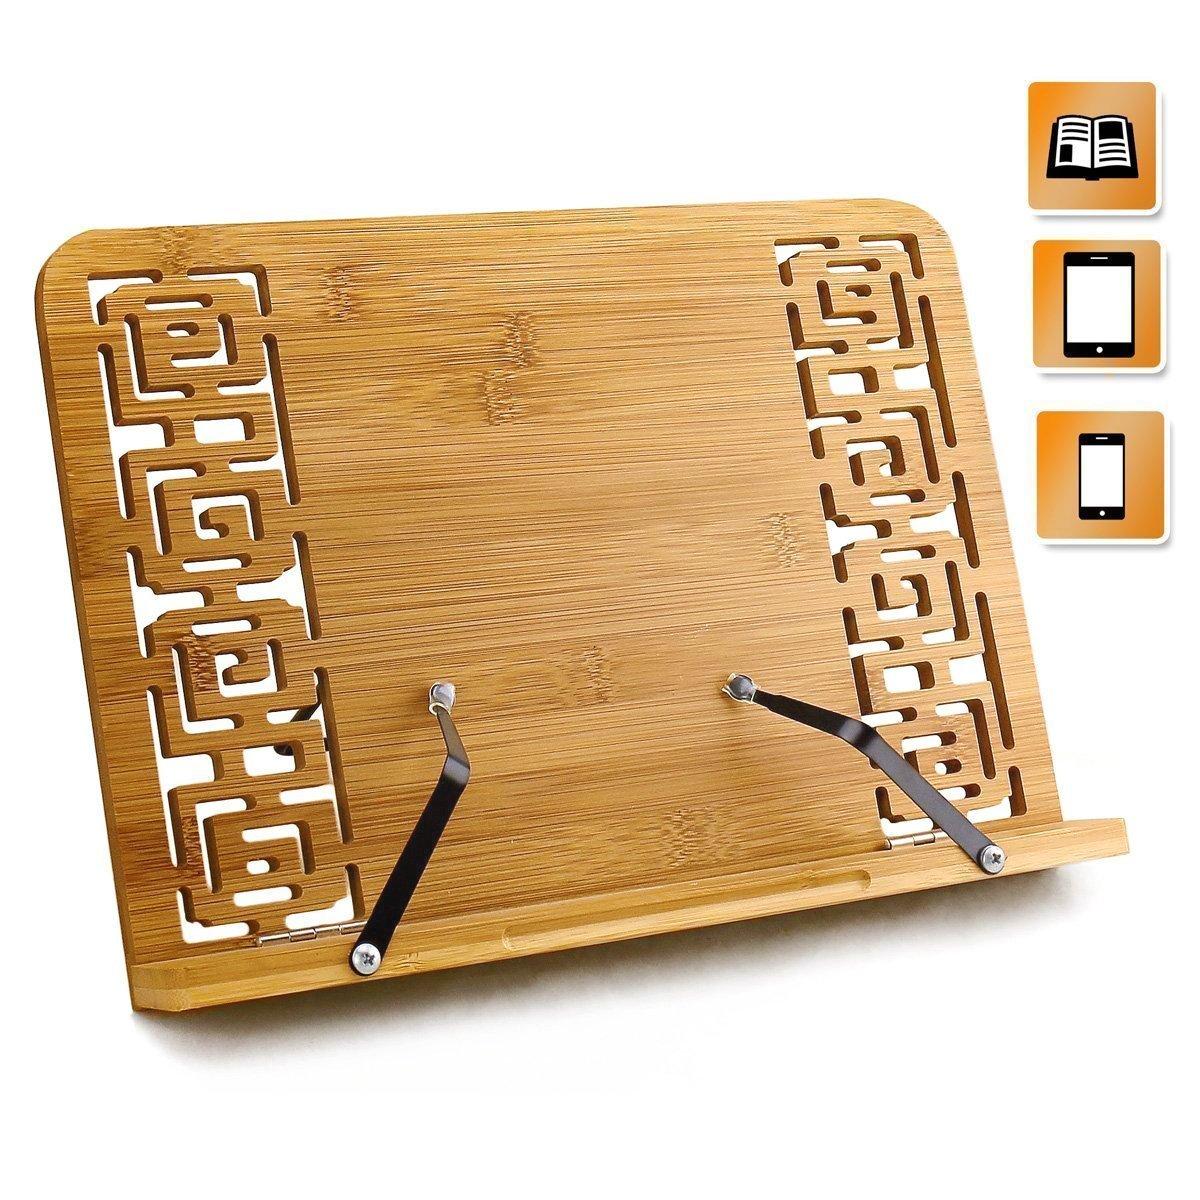 leggio in bambù, leggio da tavolo, Reggilibri con supporto regolabile e motivo elegante per ricettario, ricetta, iPad Air 2 3 4, Kindle, Samsung Tablet PC e altro ancora Joyoldelf ZBI-CJ013